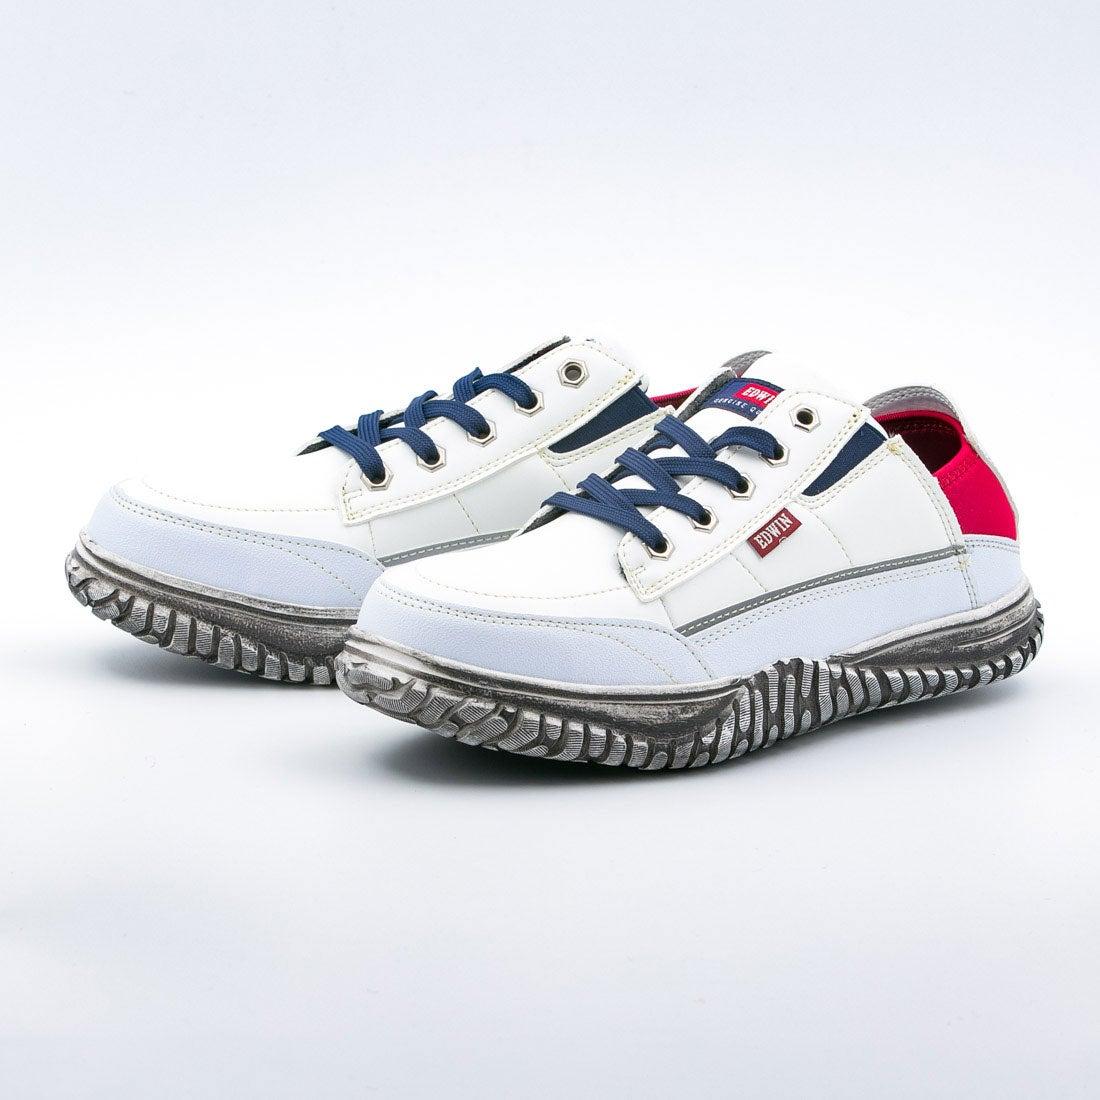 エドウィン EDWIN 安全靴 おしゃれ メンズ 滑りにくい 防水 軽量 軽い スニーカー 作業靴 サイドゴア 軽作業 (ホワイト)